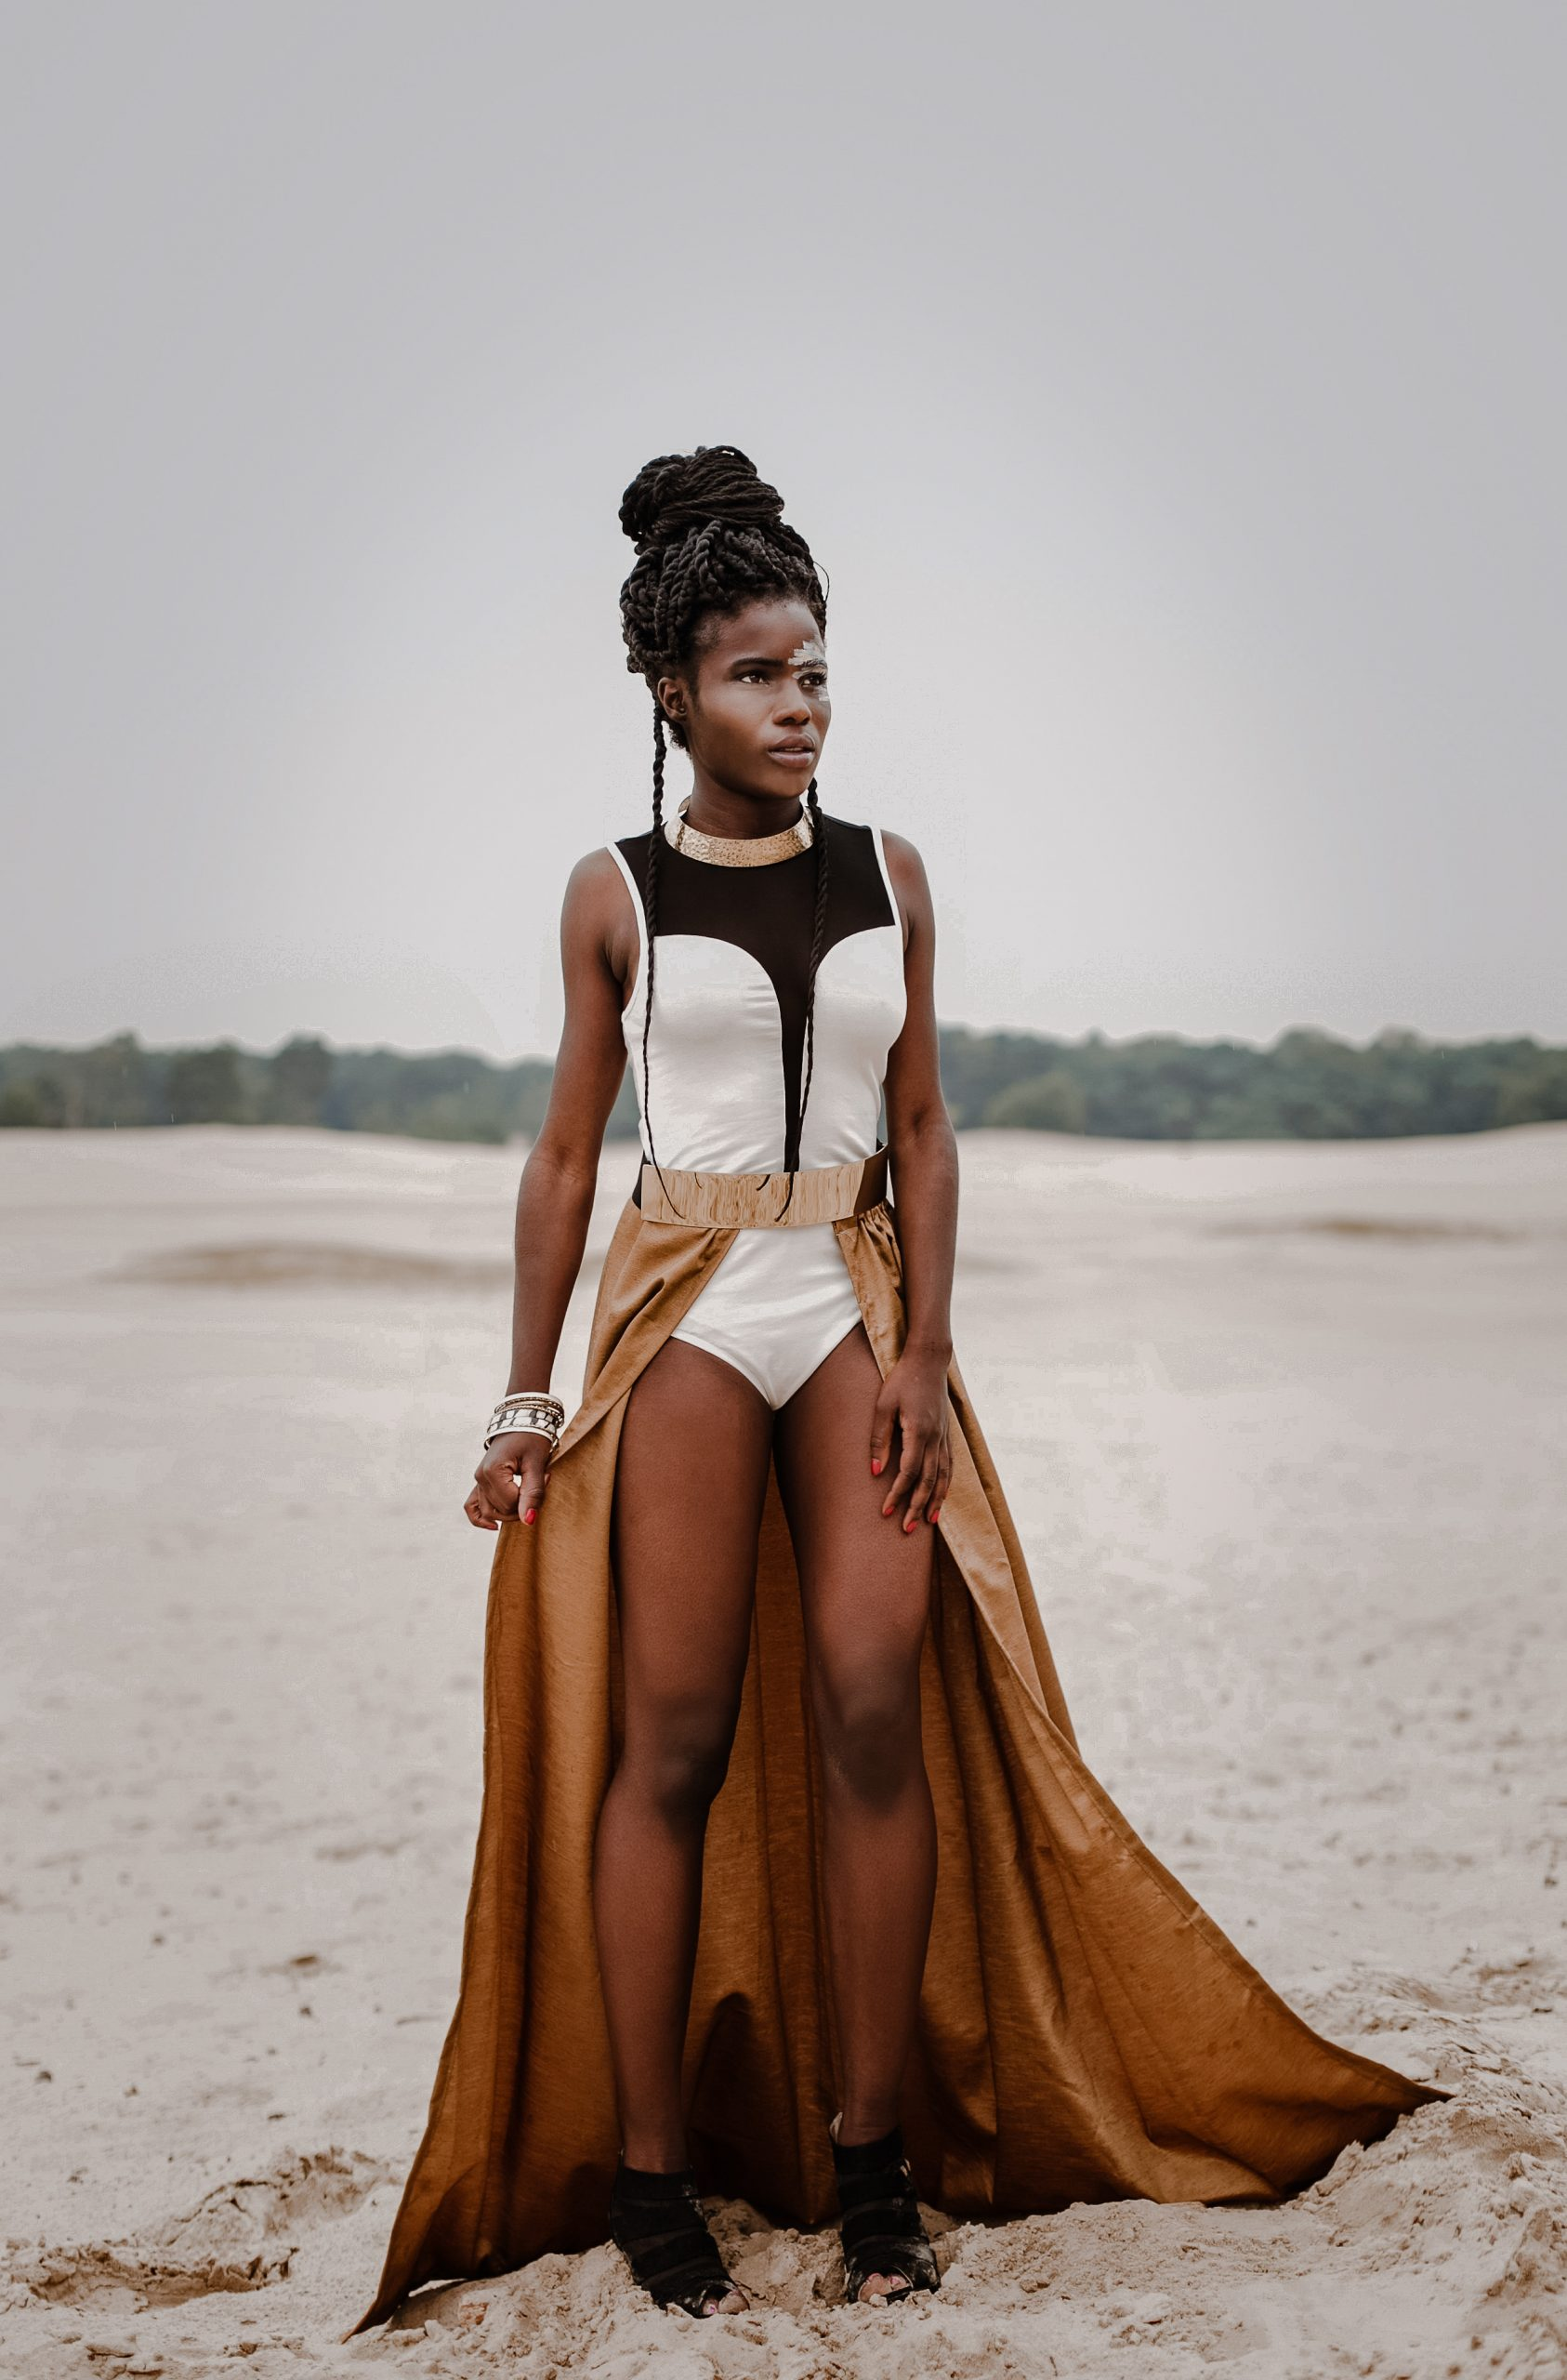 Fashionshoot african woman